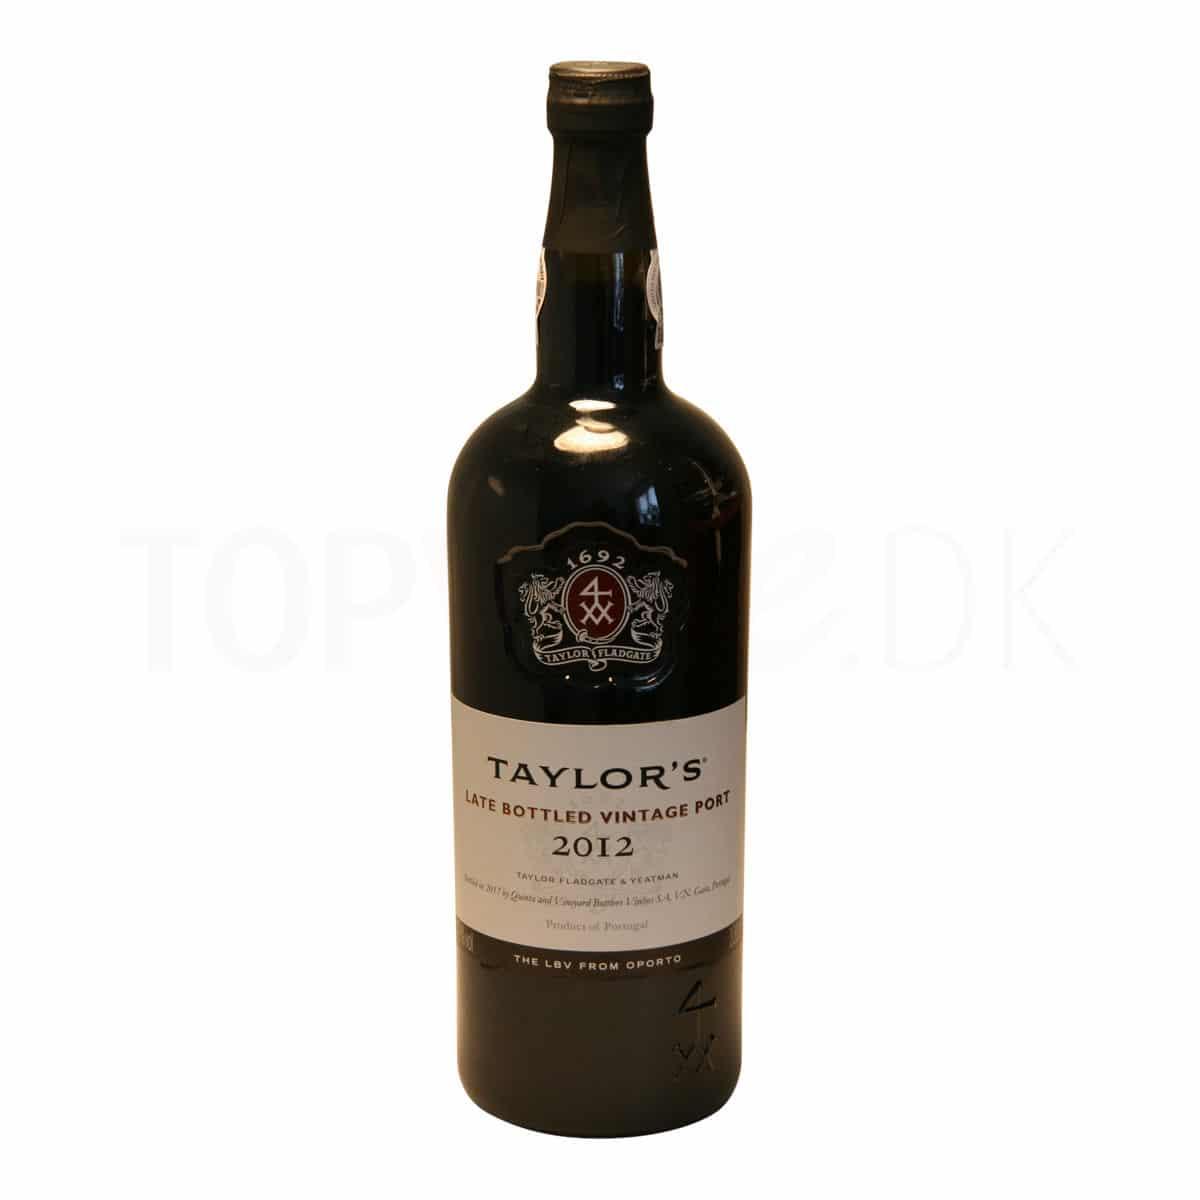 Topvine Taylors Late bottle vintage 2012 - 1 l